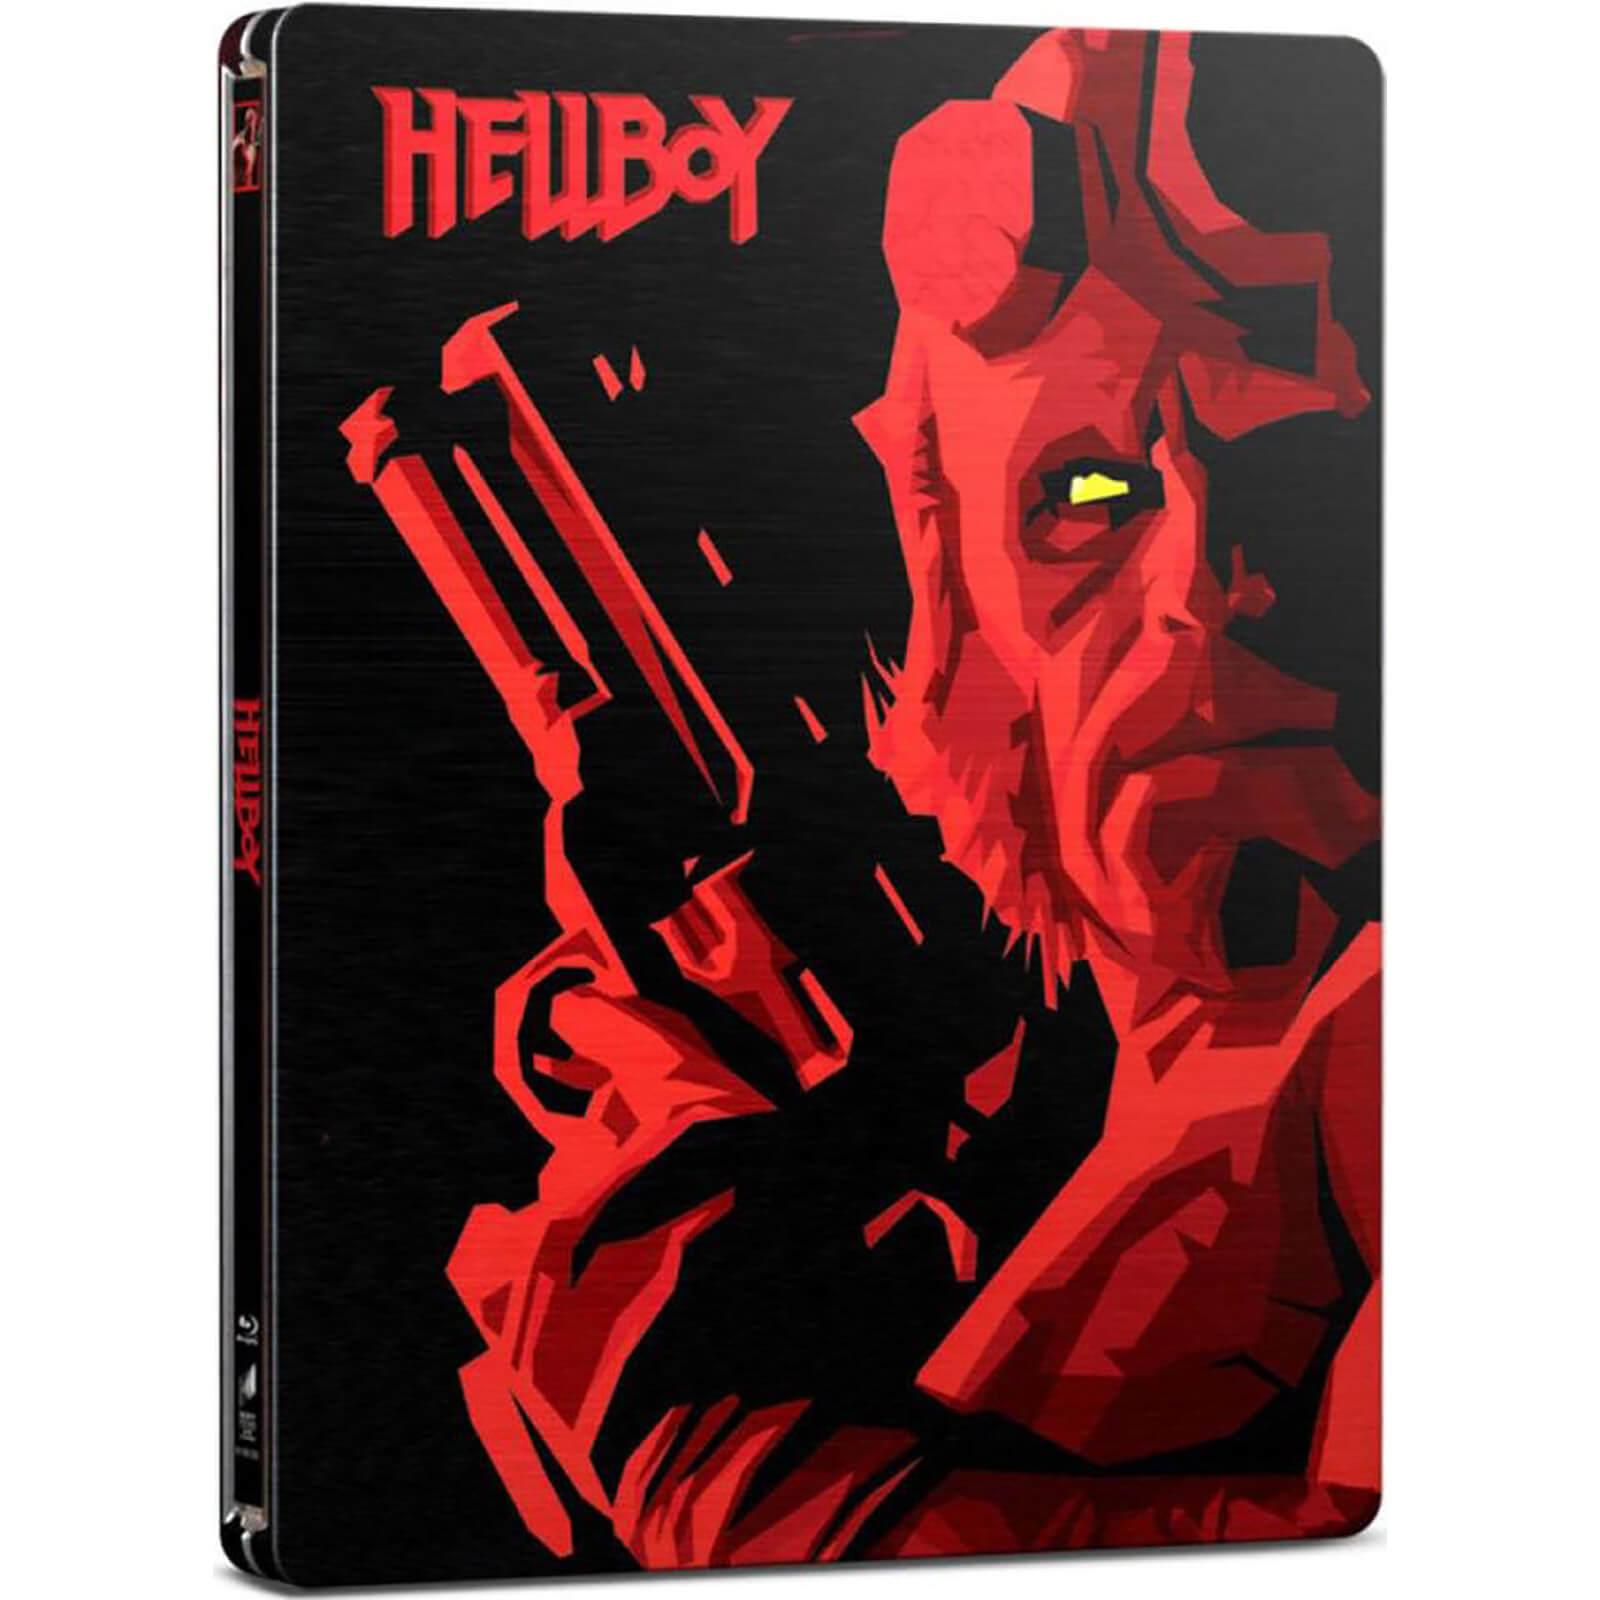 Gutscheinfehler bei Amazon.it - 4x Blu-ray Steelbooks für 14,63€ inkl. Versand